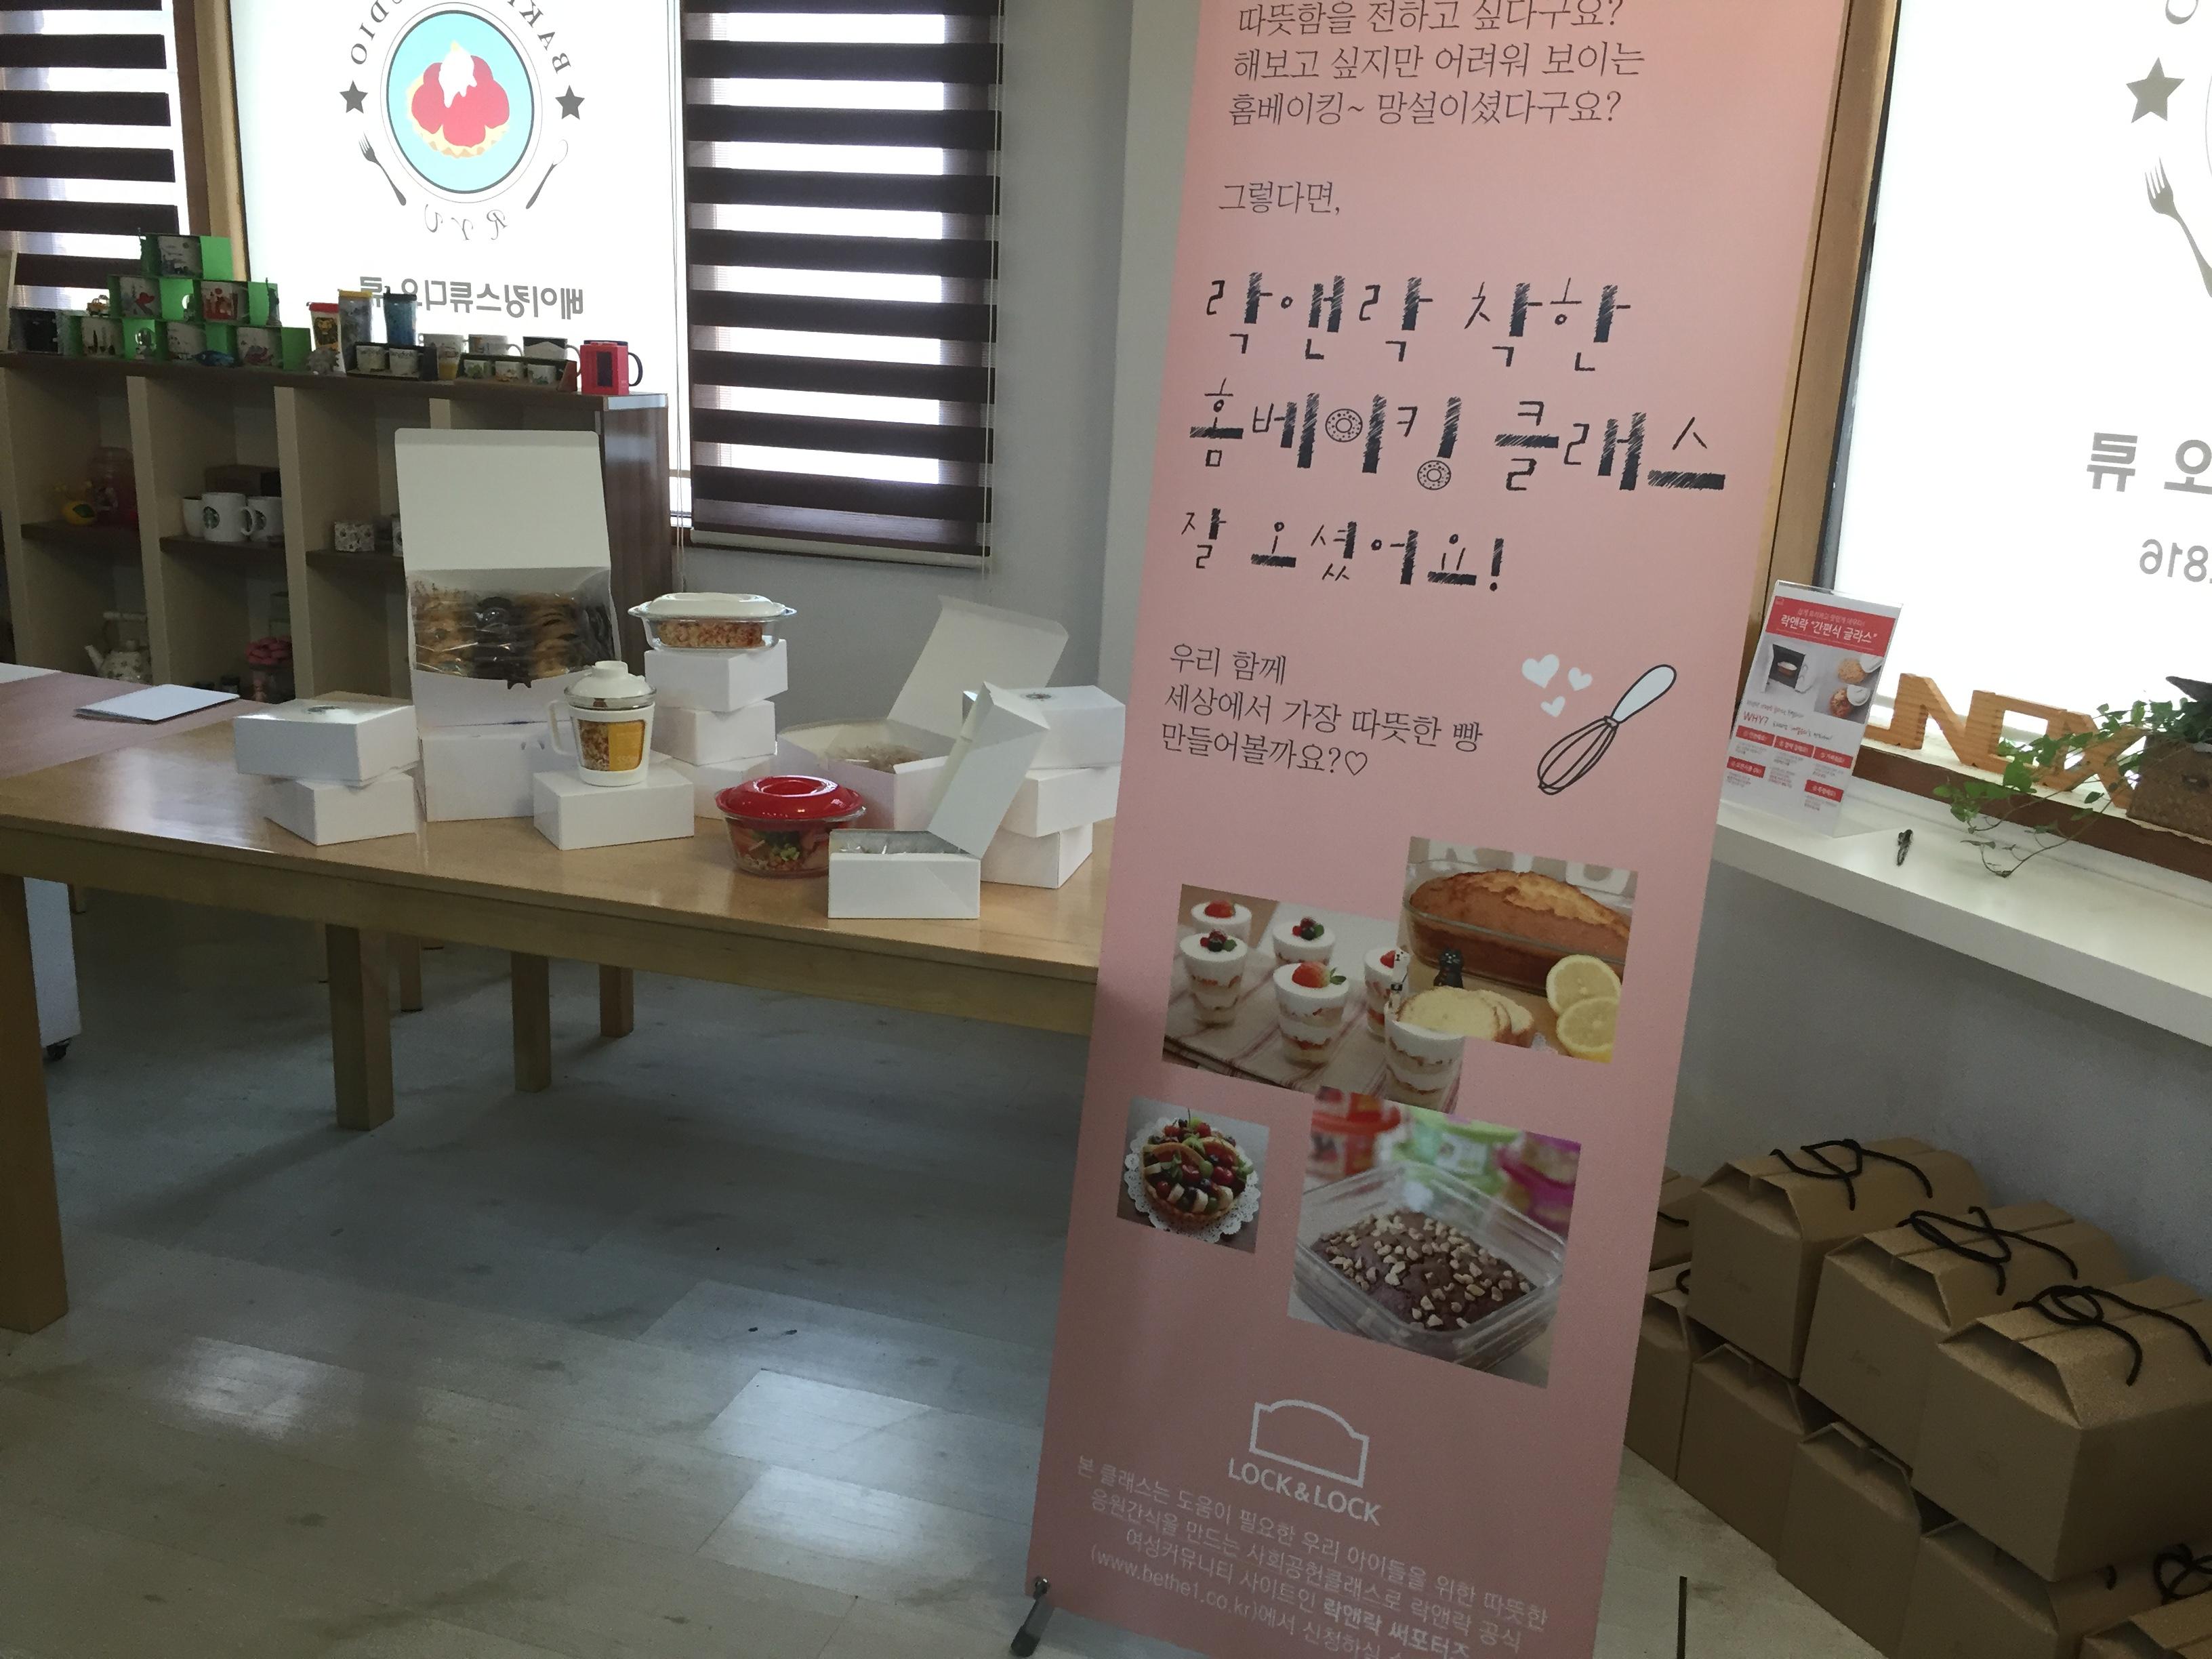 [락앤락 원데이 클래스-착한 홈베이킹] 쿠키 3종 만들기 _ 여름방학특집 with 공부방 아이들